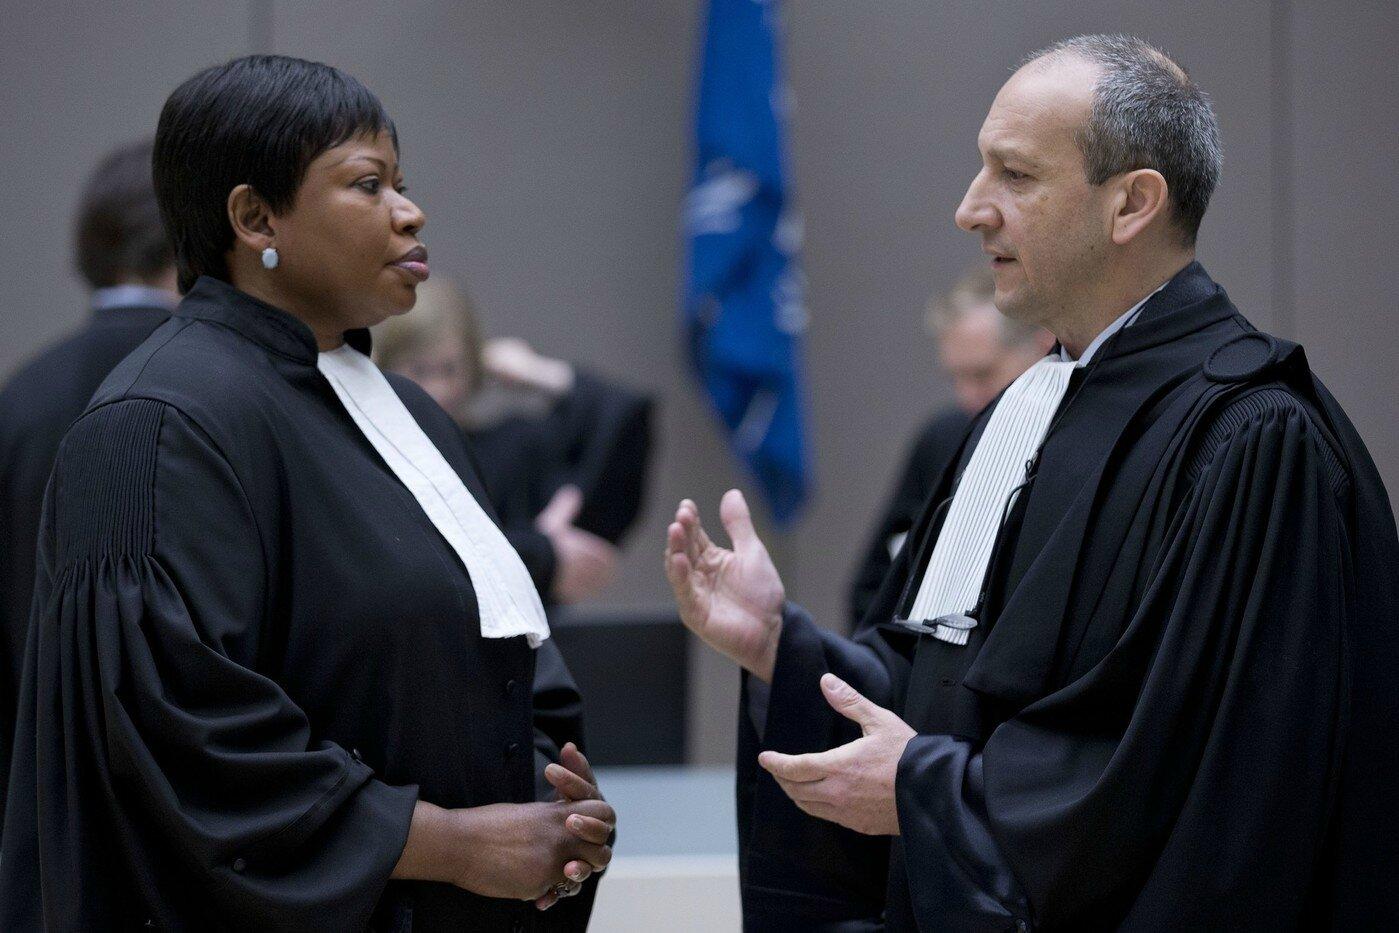 Procès Gbagbo : le jour où l'accusation s'est effondrée (Marianne)